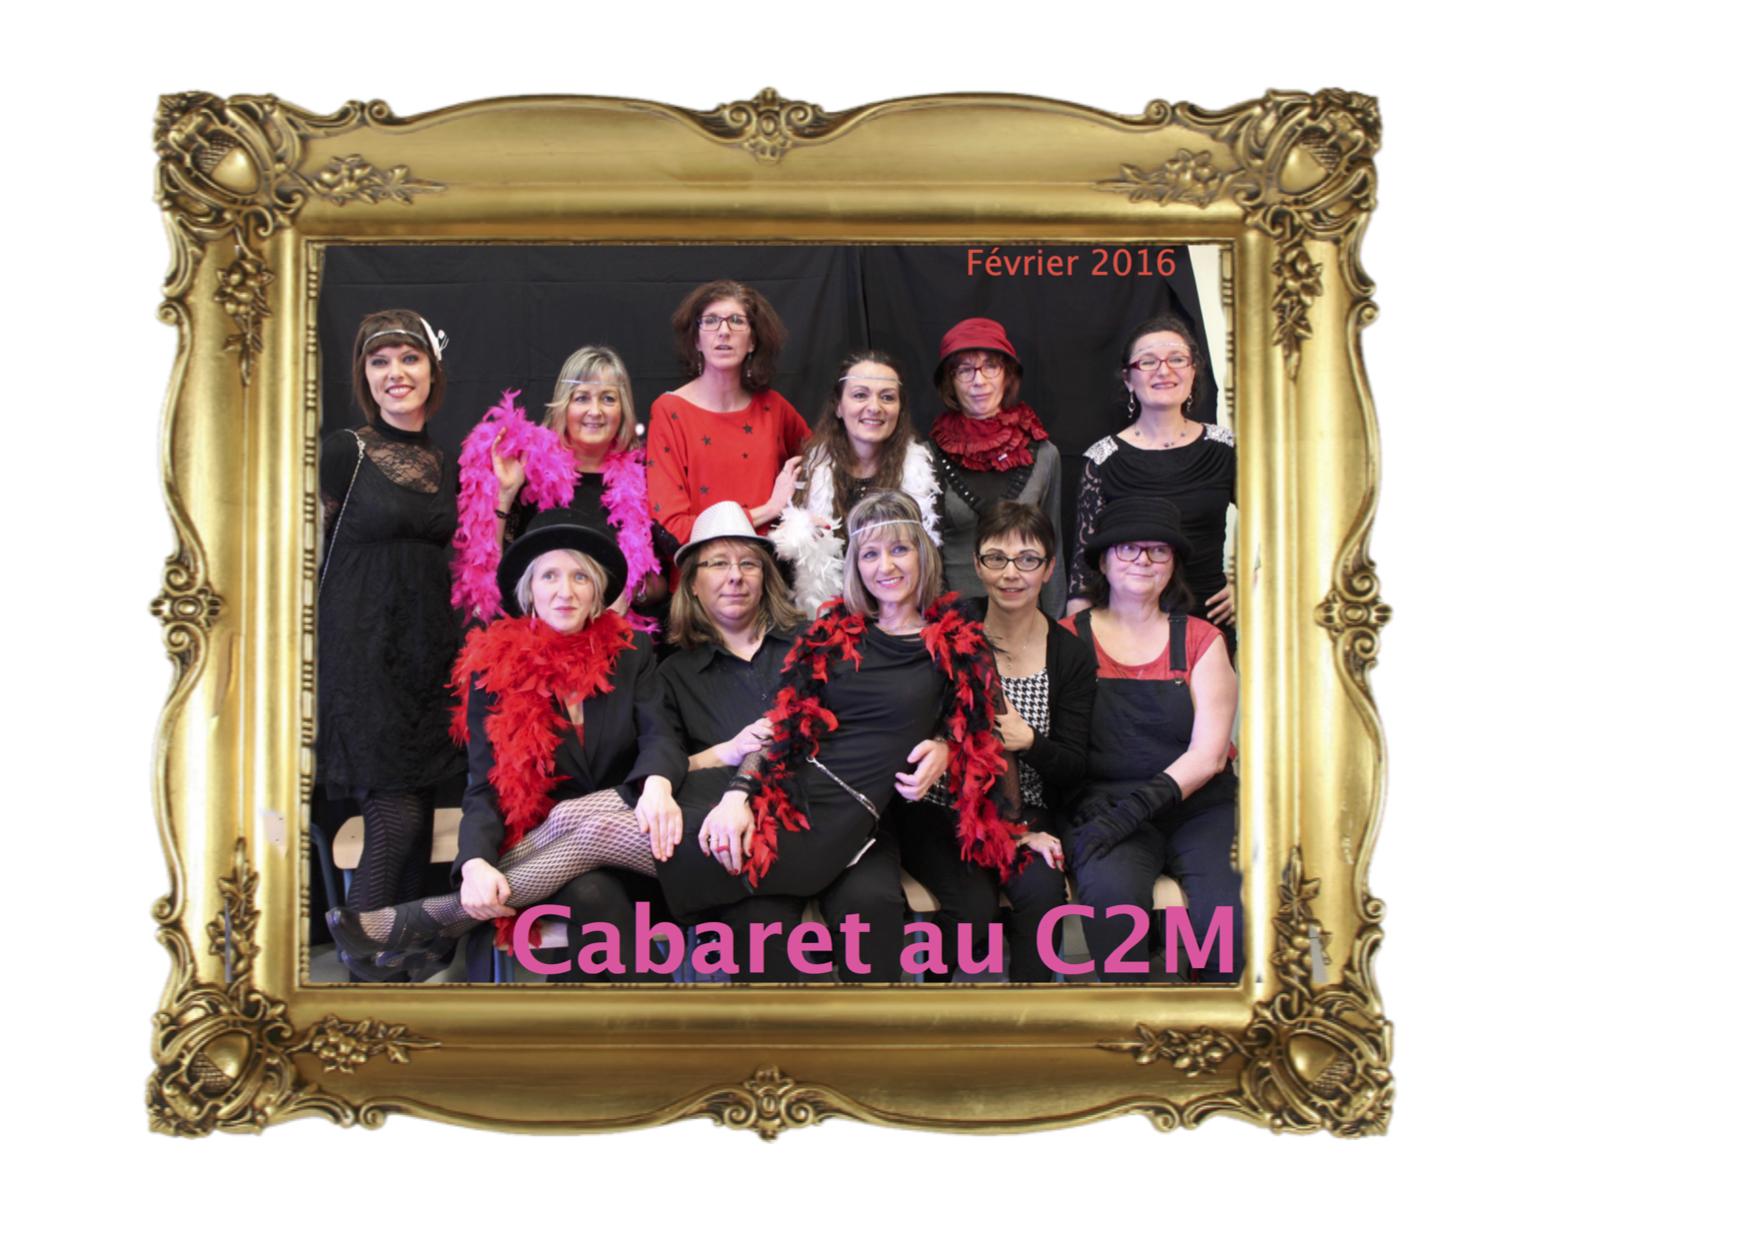 Cabaret au c2m